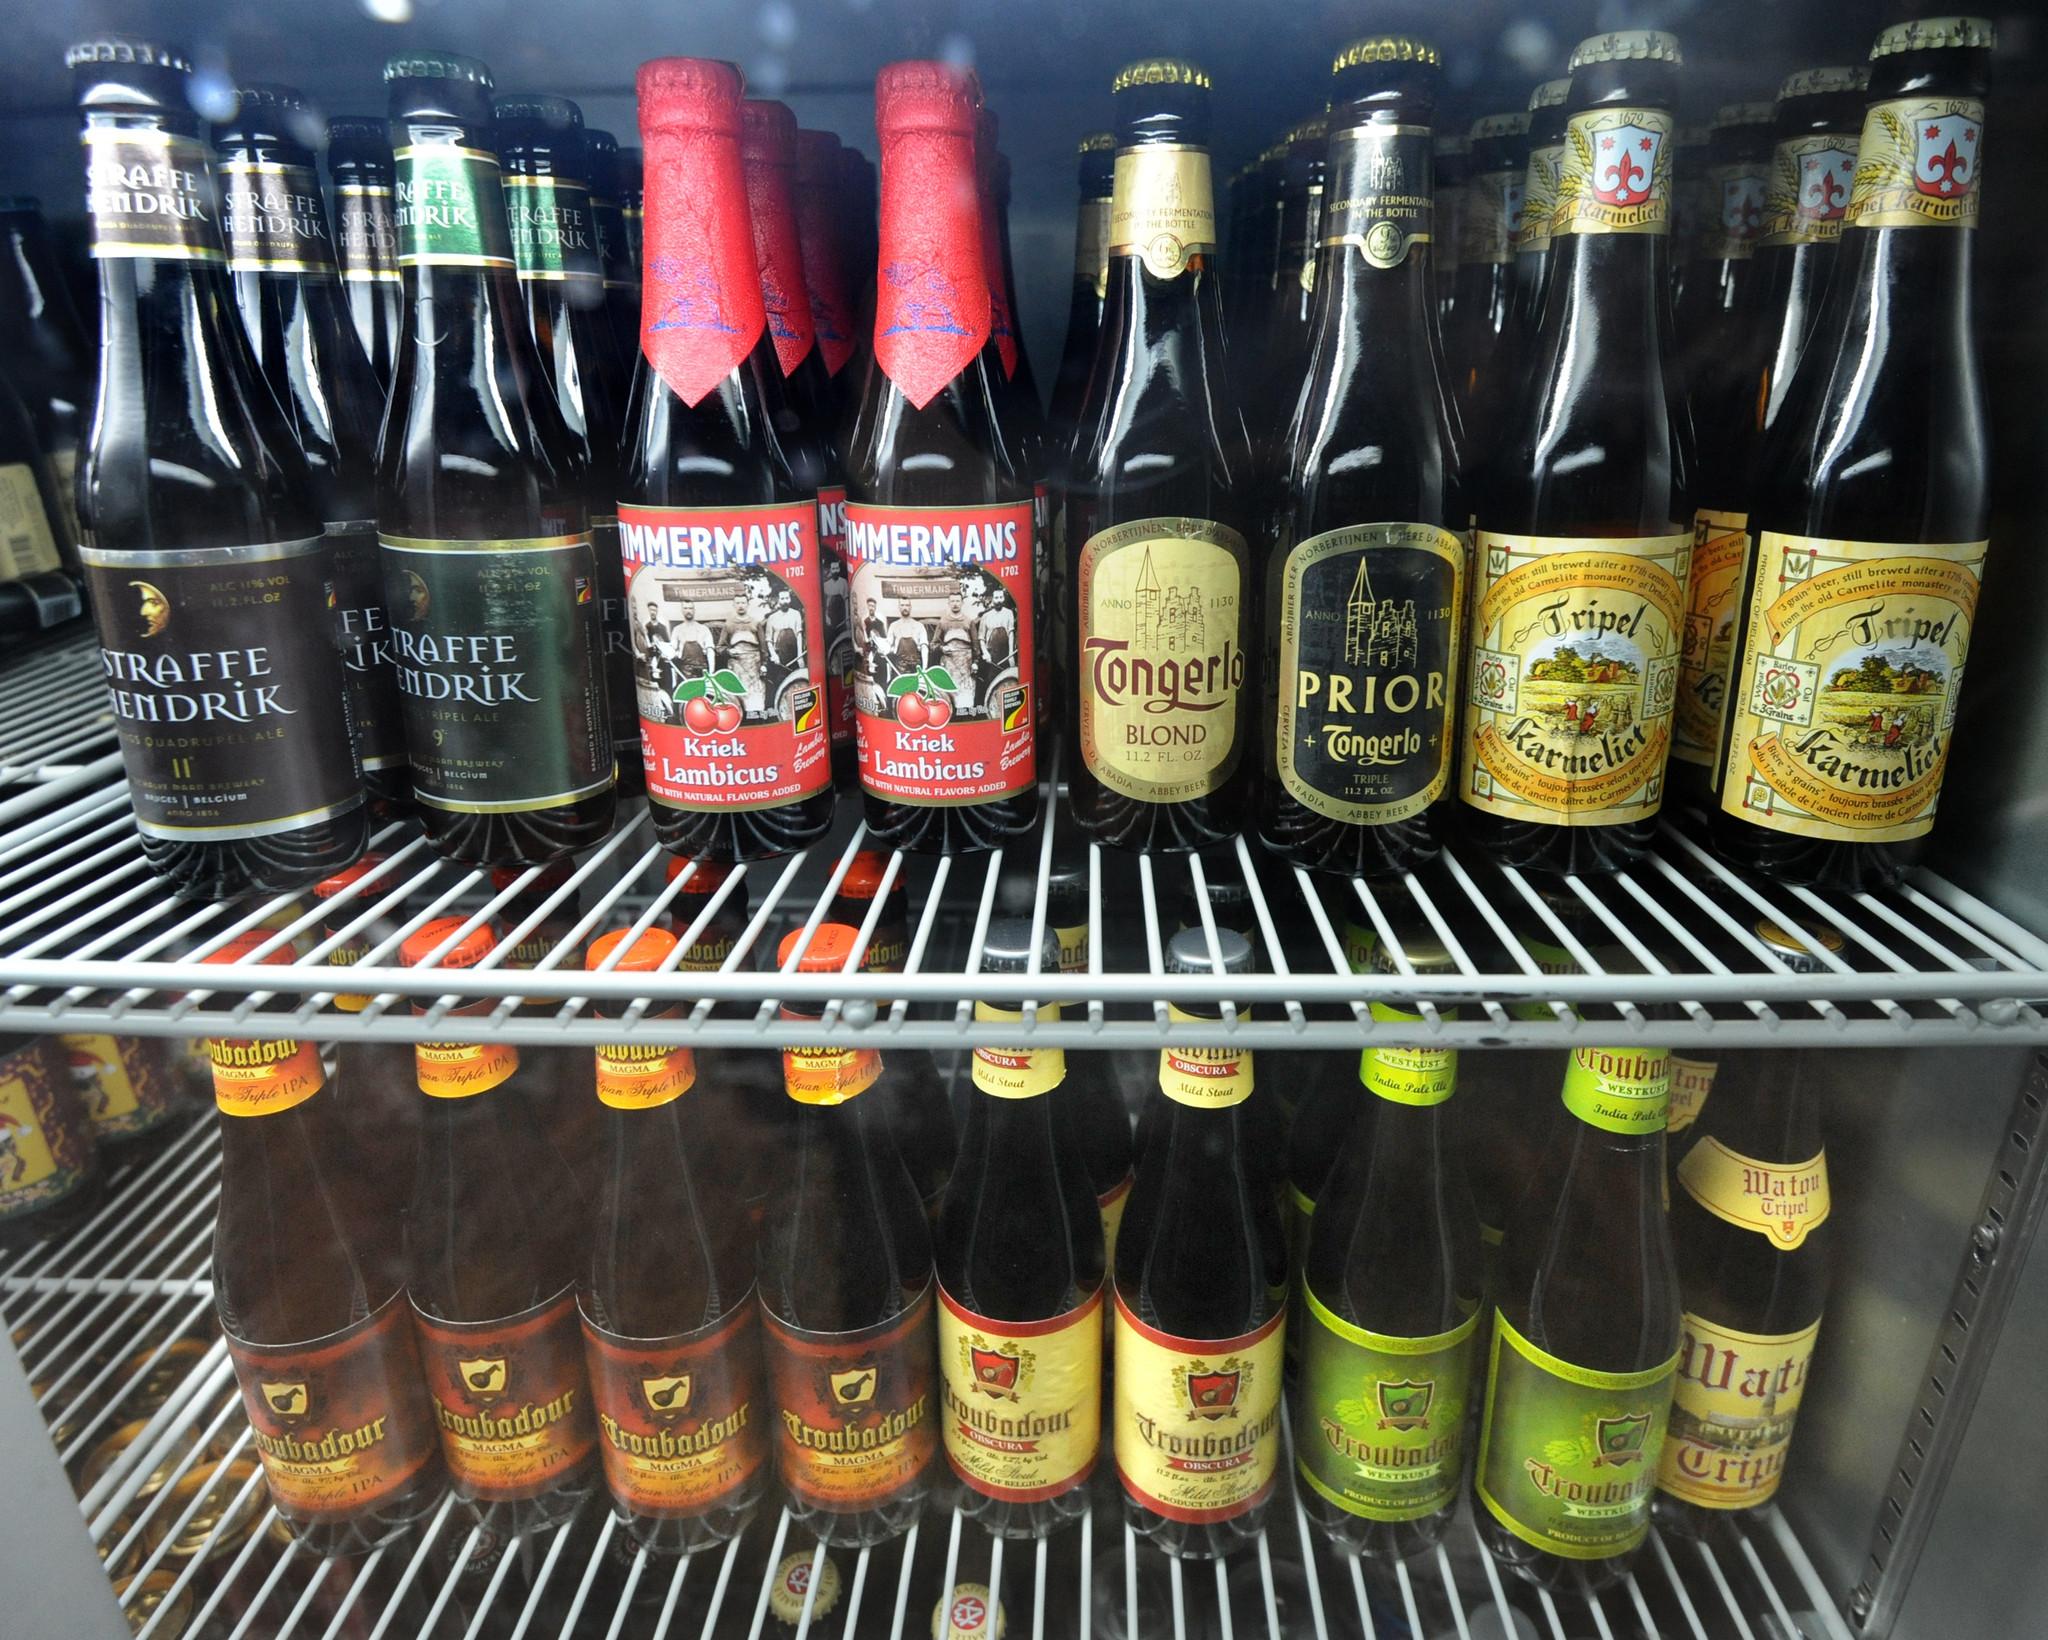 Belgian beer is stocked in several refrigerators at De Kleine Duivel in Hampden.